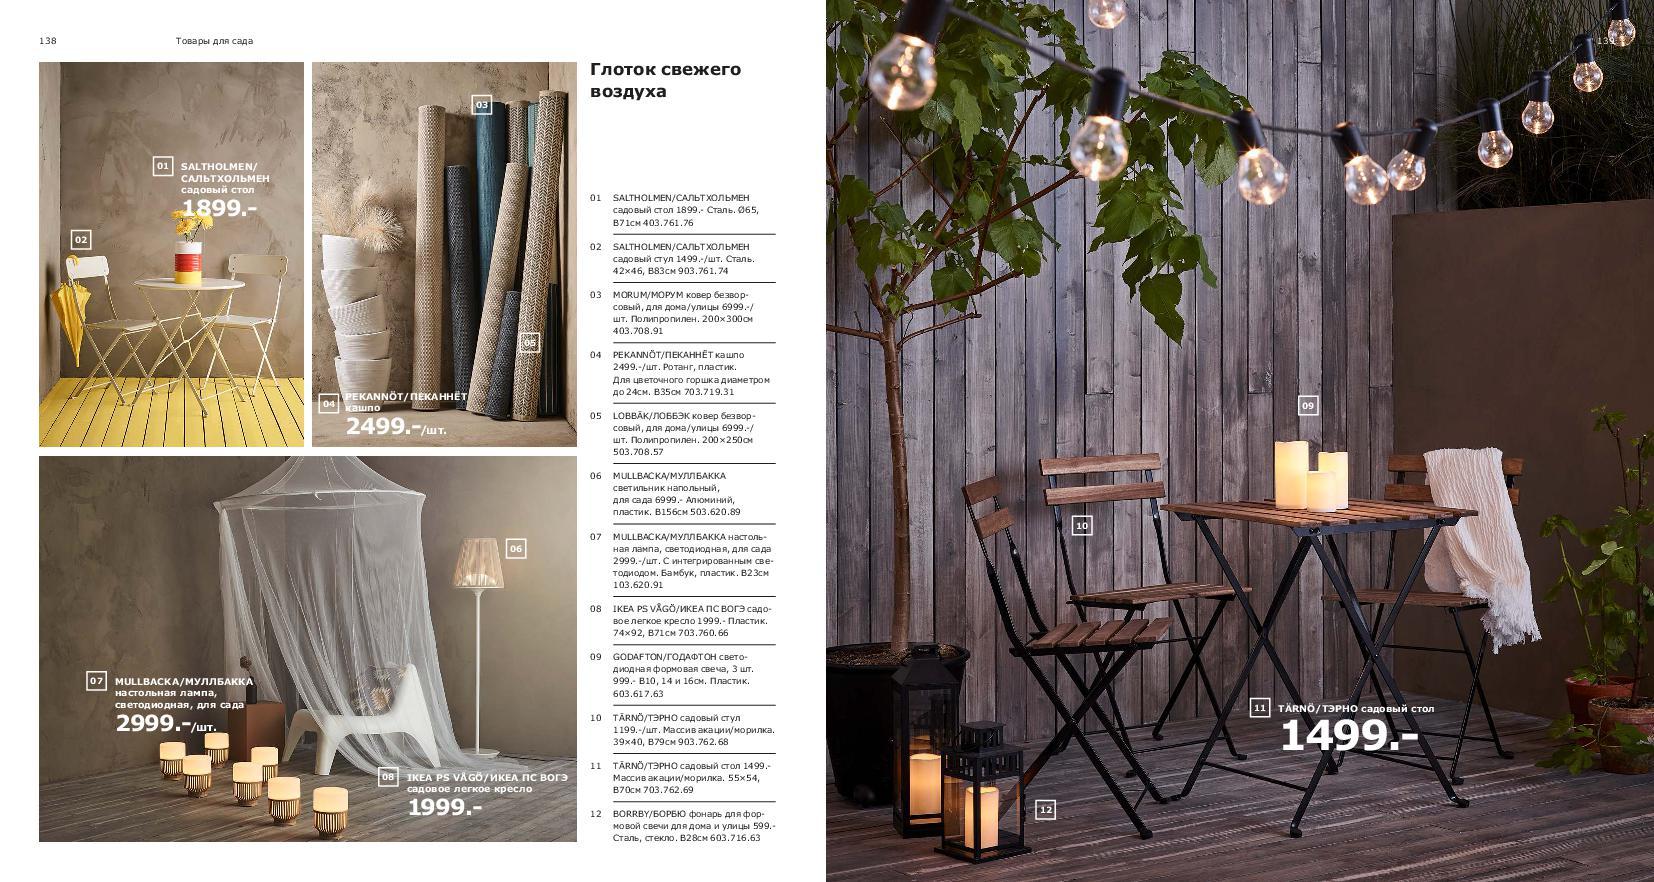 IKEA_catalogue_2019-70